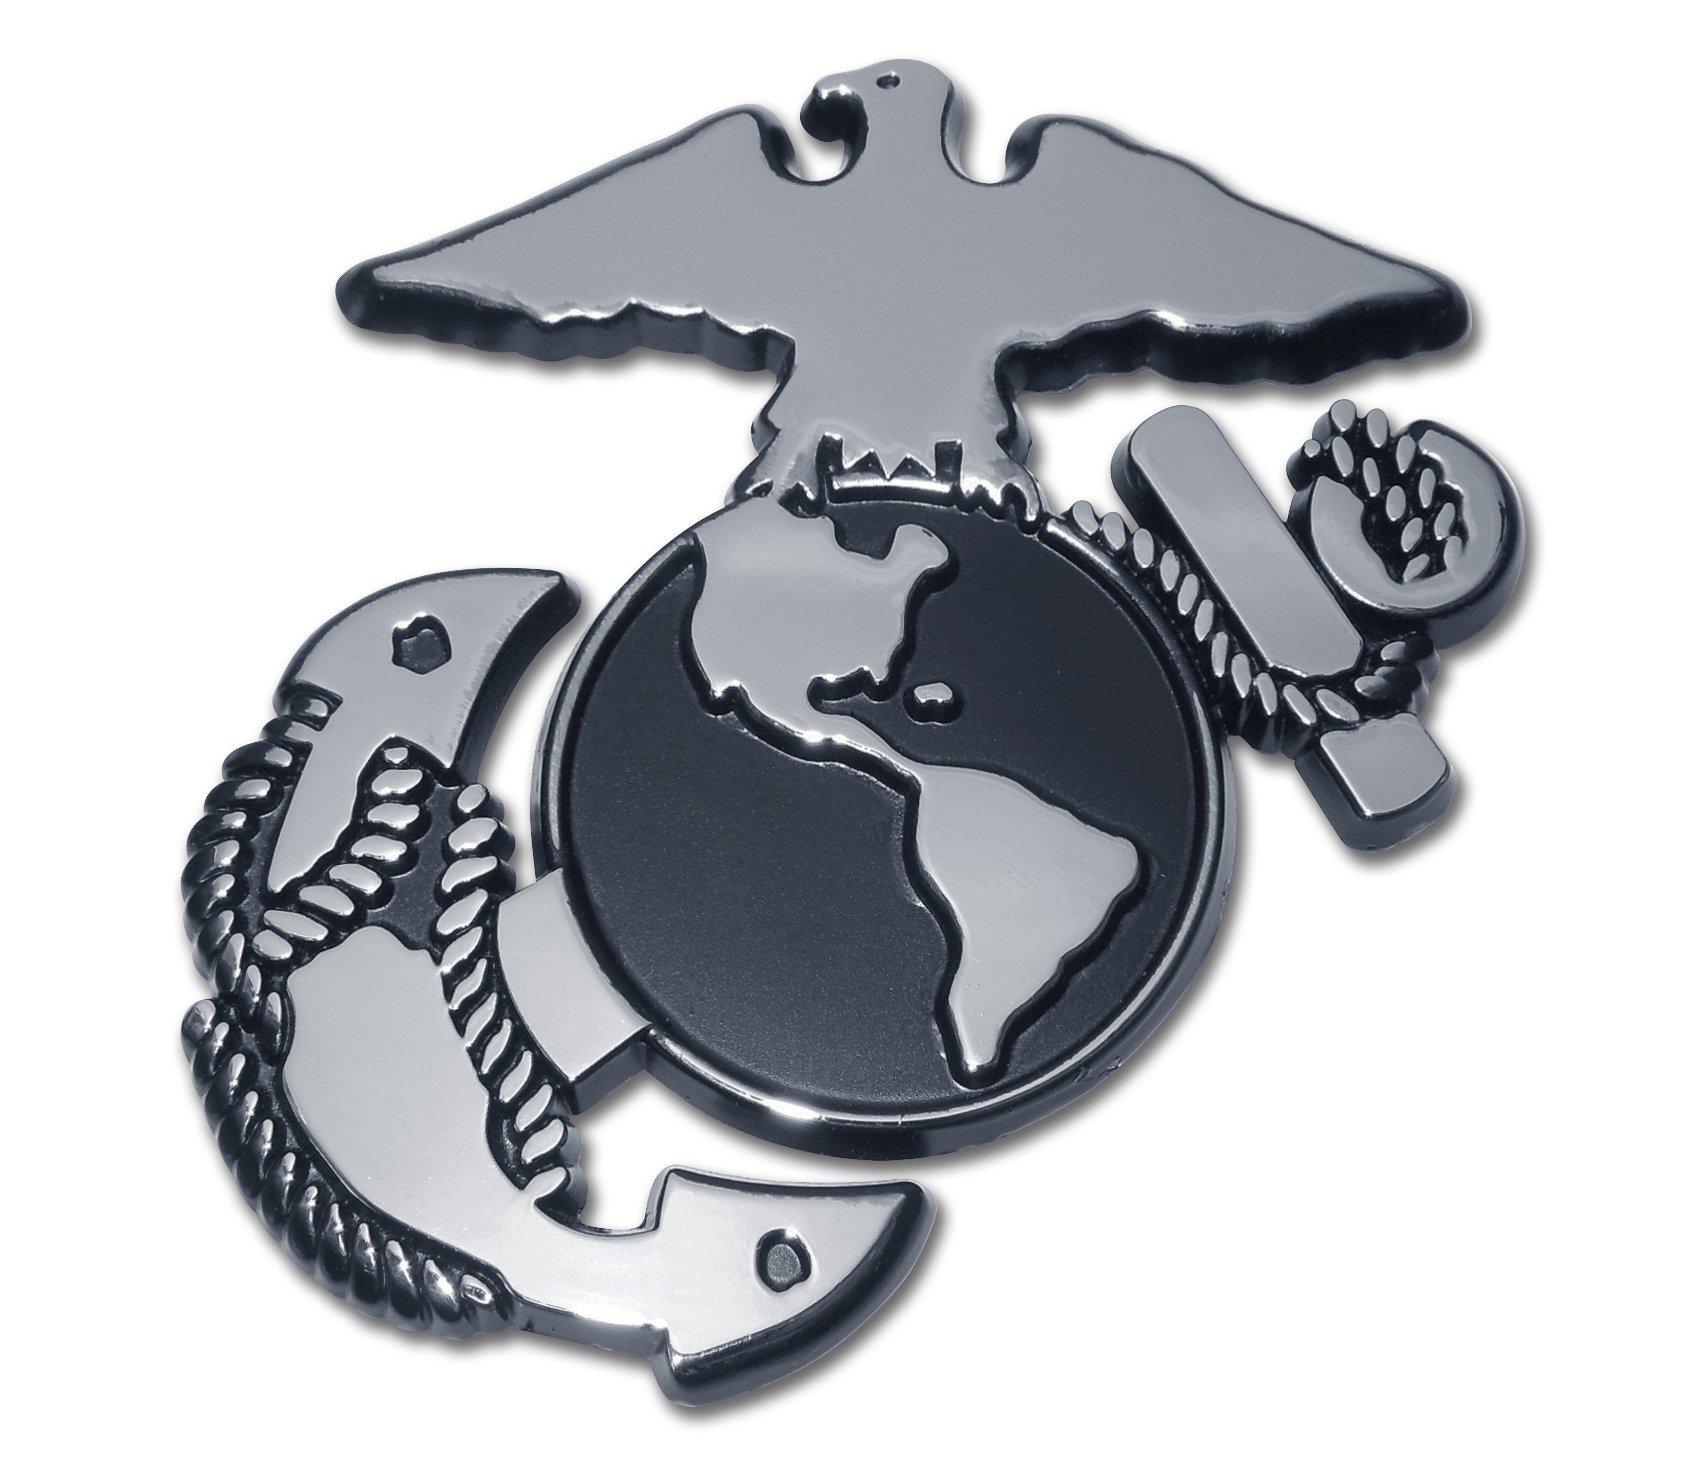 Buy United States Us Marine Corps Usmc Ega Chrome Plated Premium